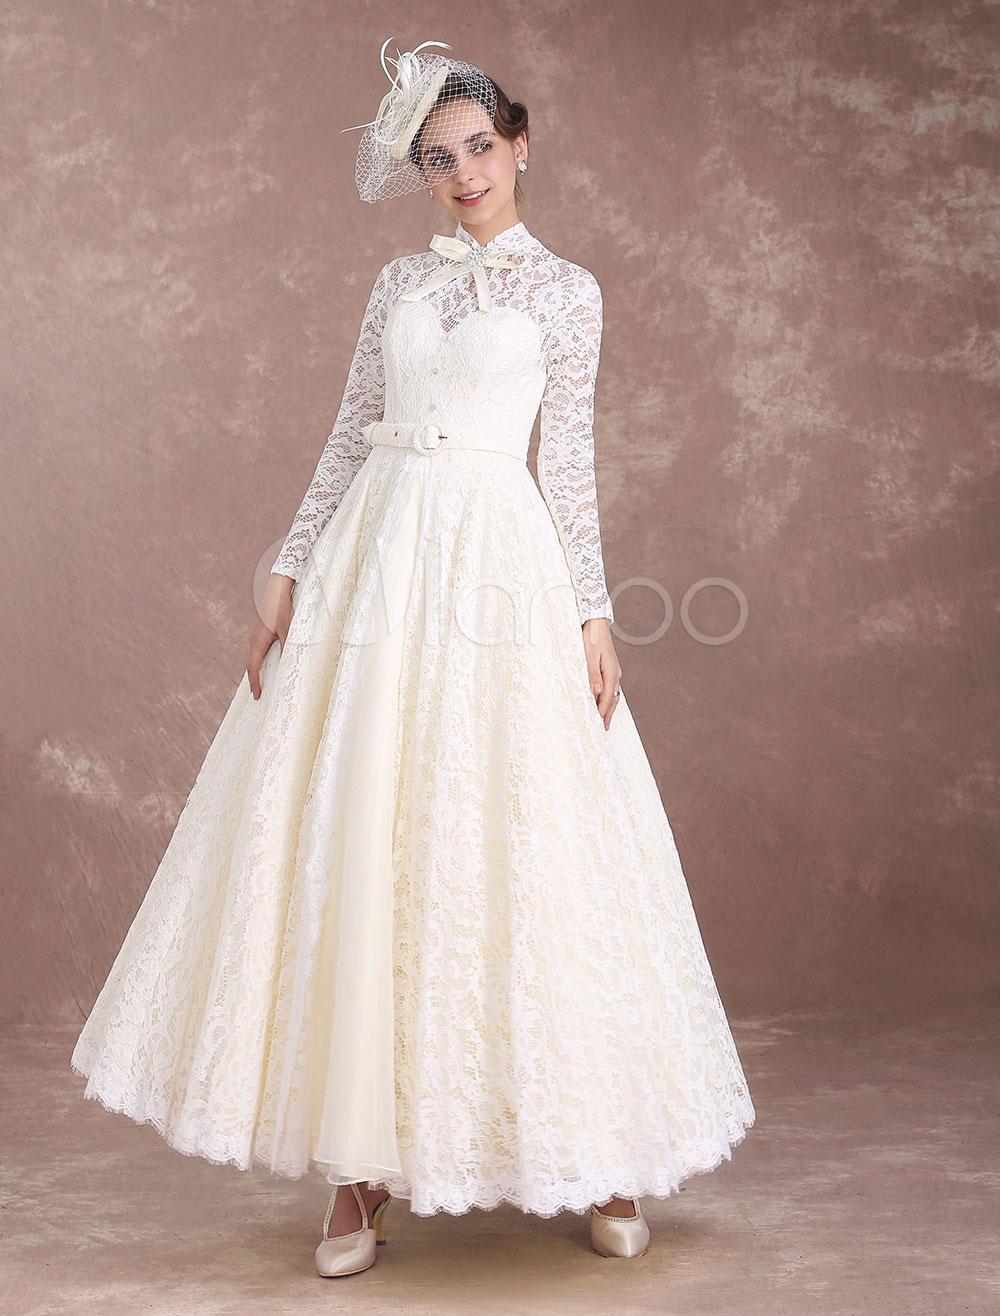 Vintage Brautkleid A-Linie- knöchellang mit Reißverschluss Spitze